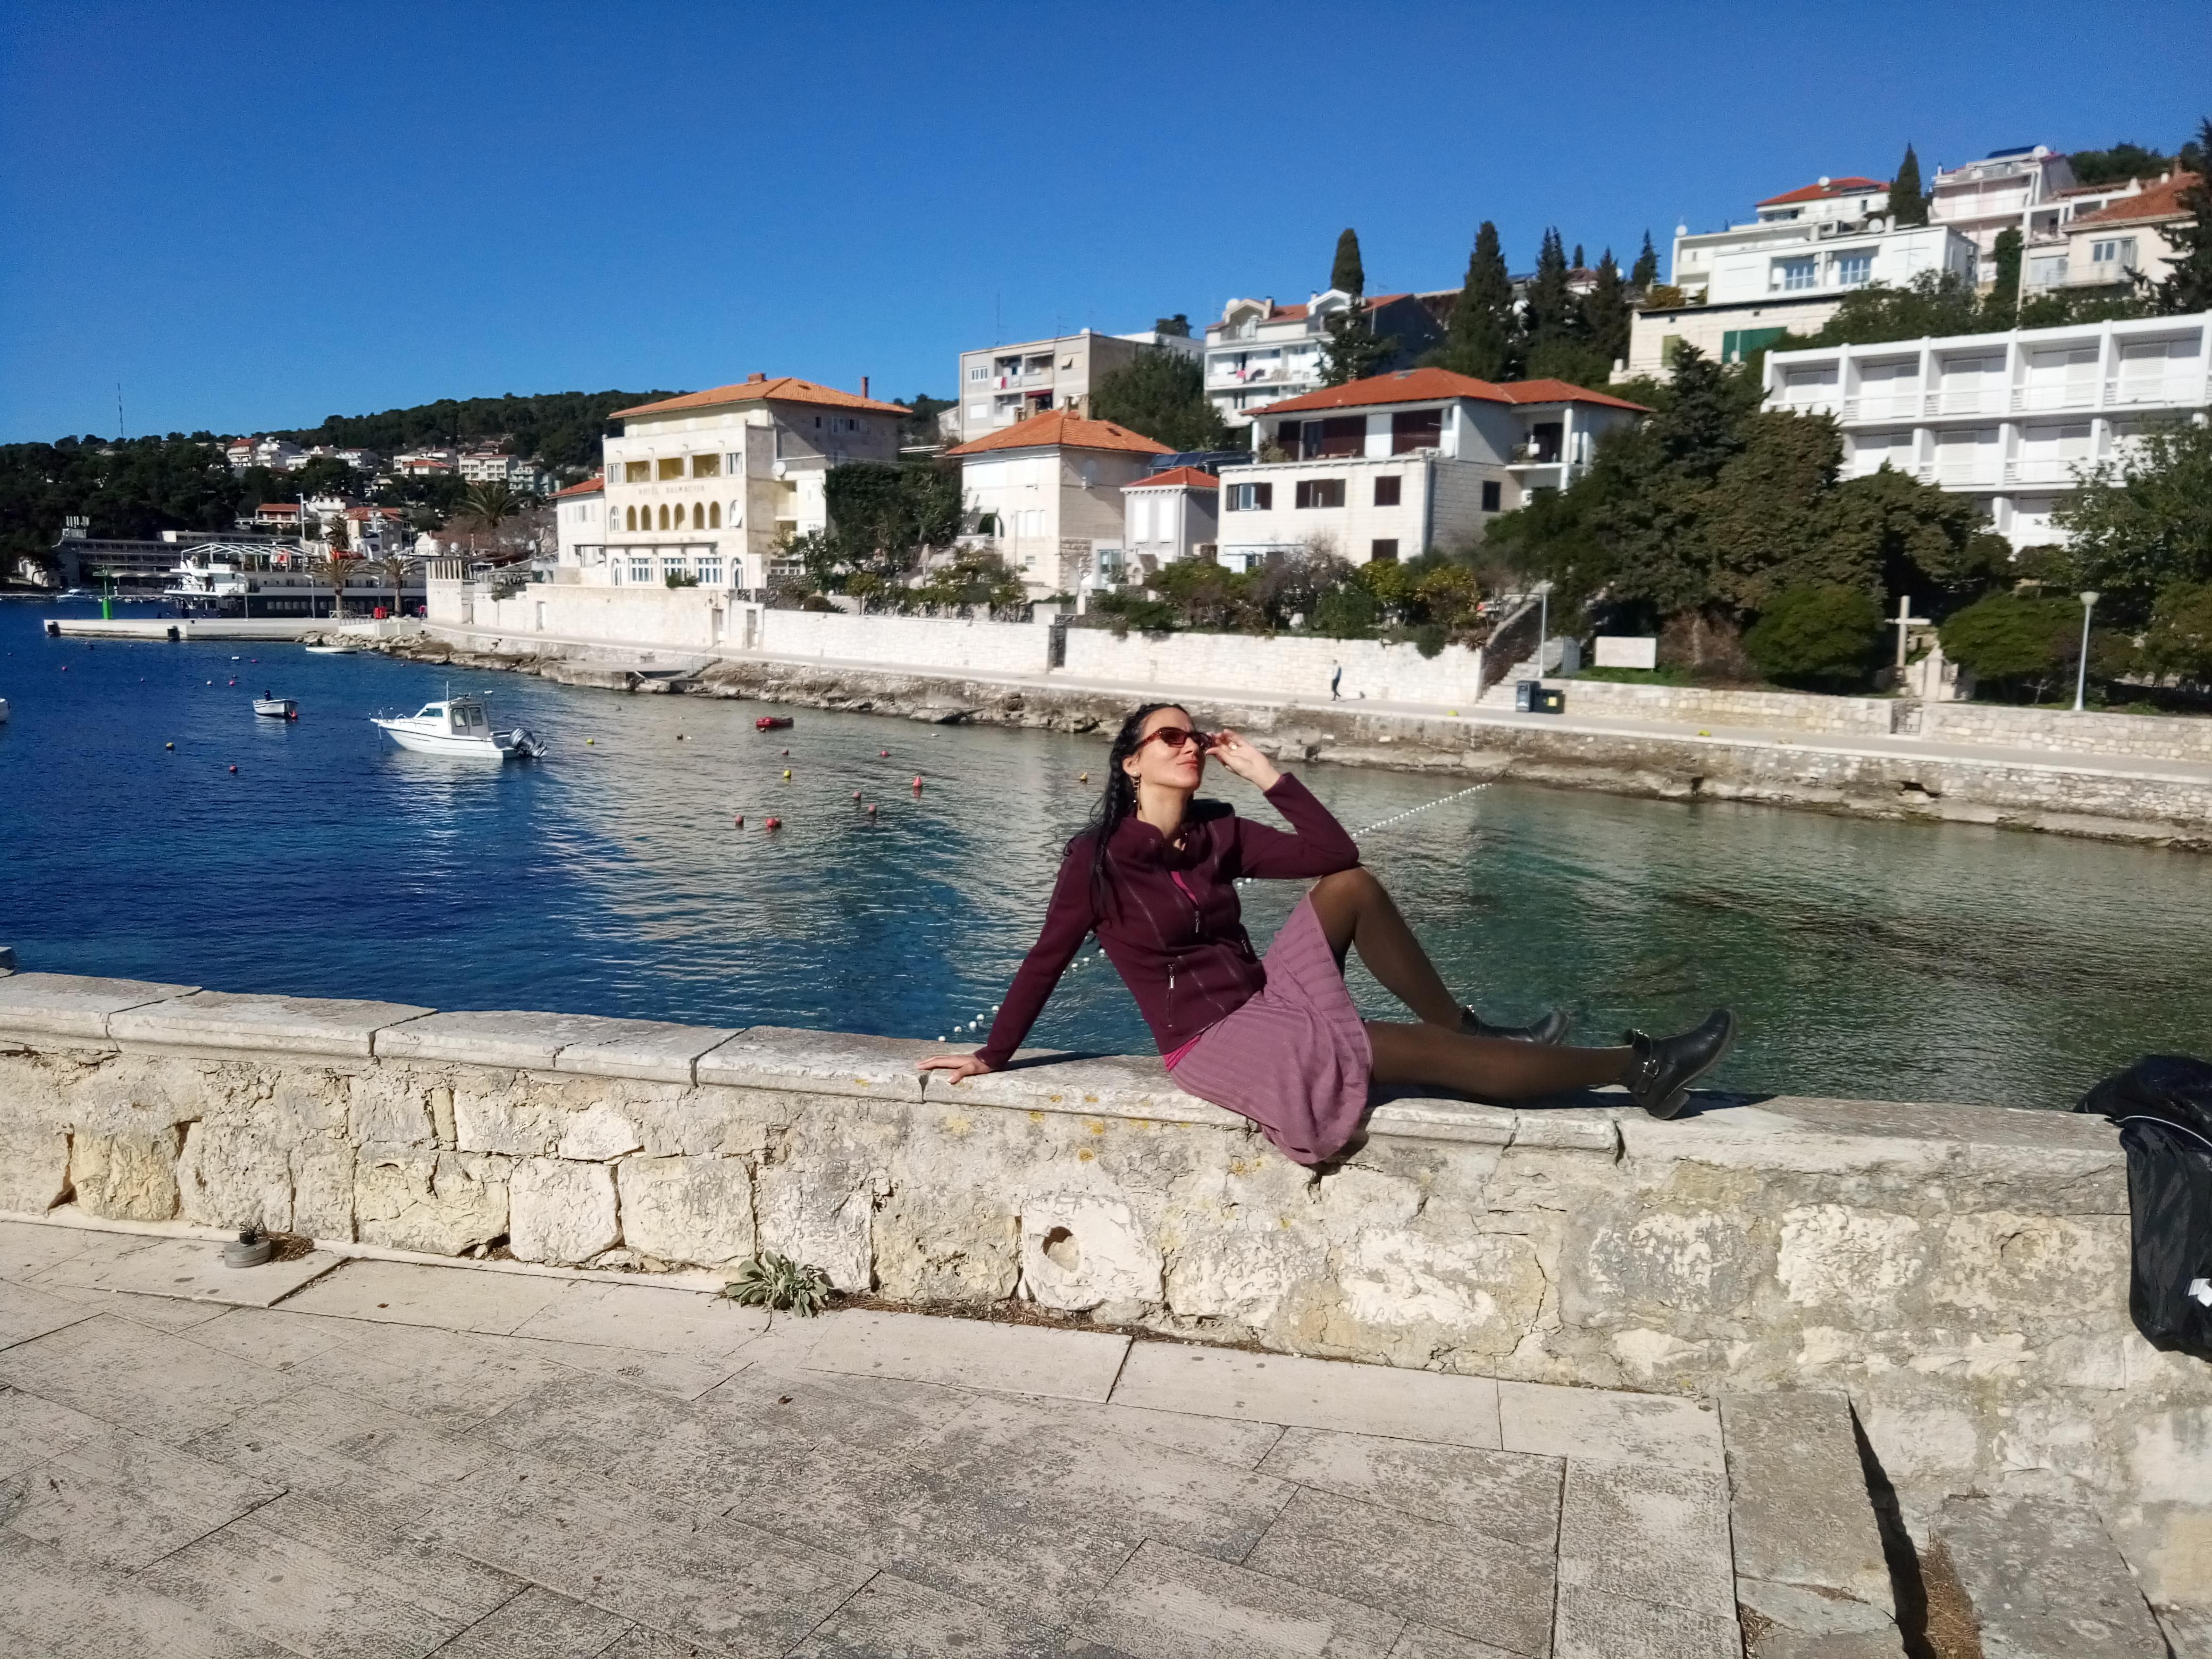 #visithvar #croatia #placesto see